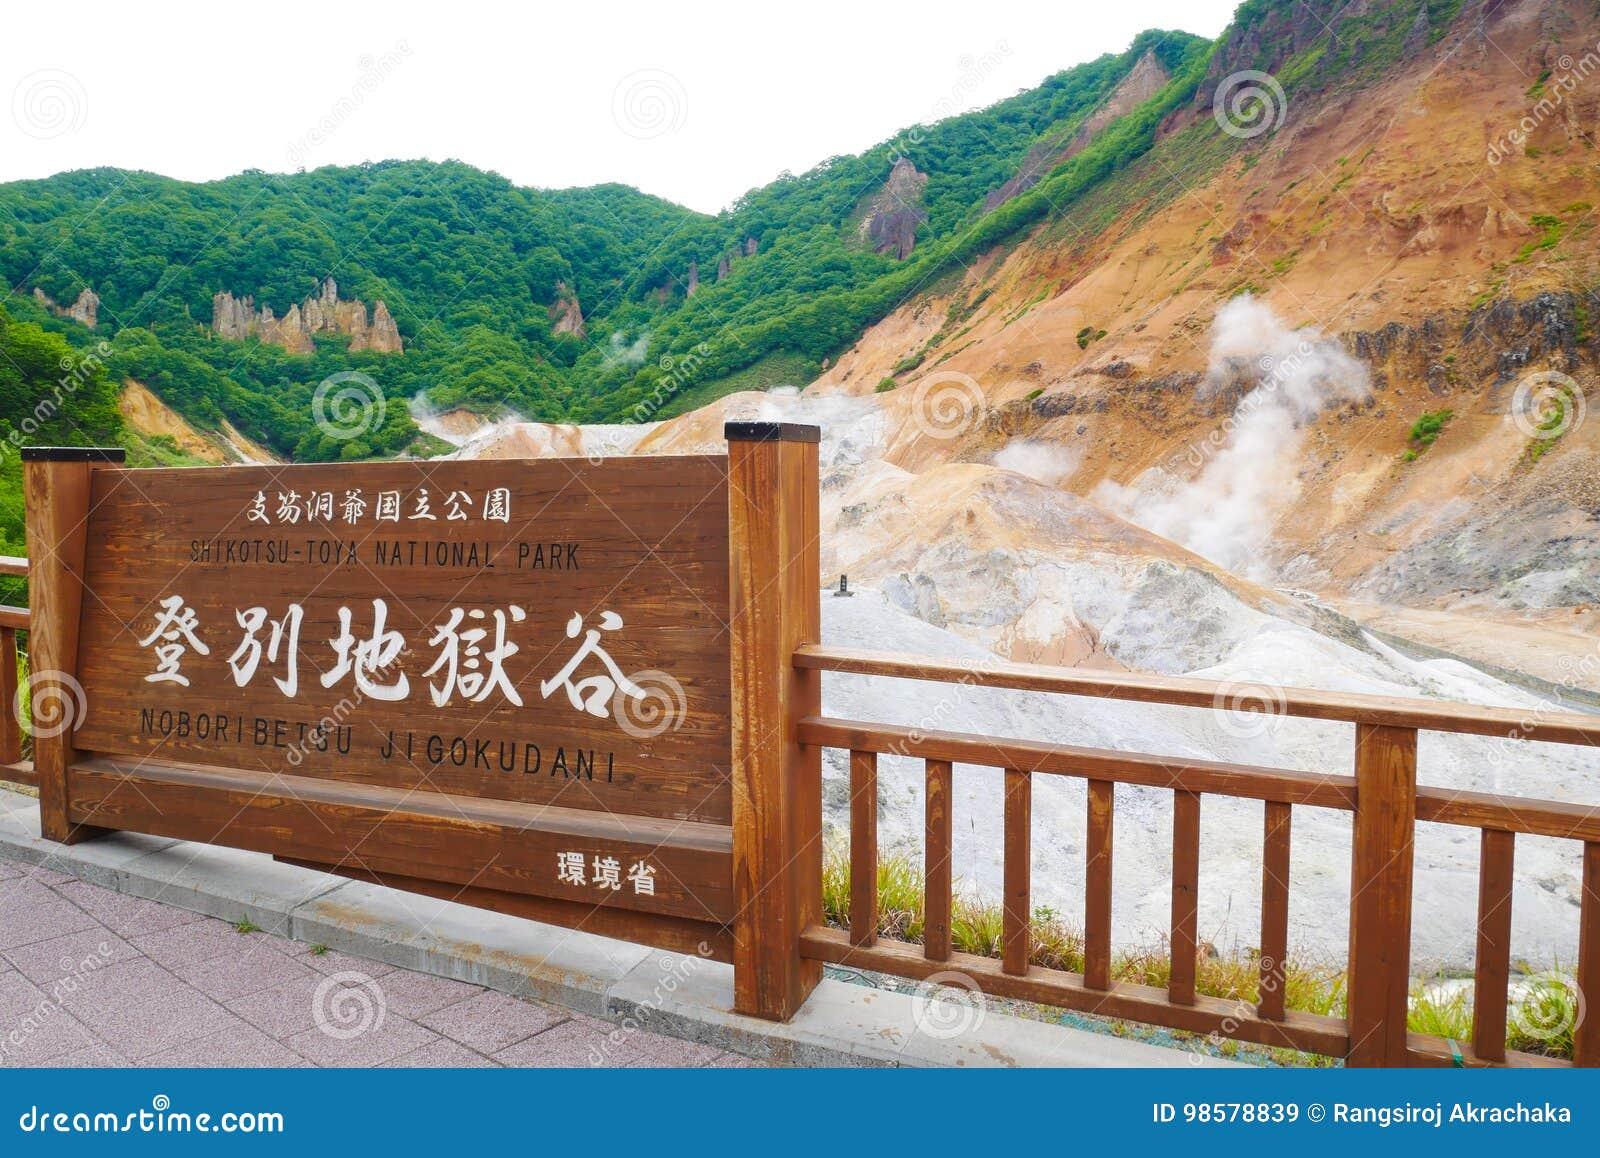 El valle del infierno de Jigokudani en Noboribetsu, aguas termales famosas de Hokkaido onsen el centro turístico, Japón